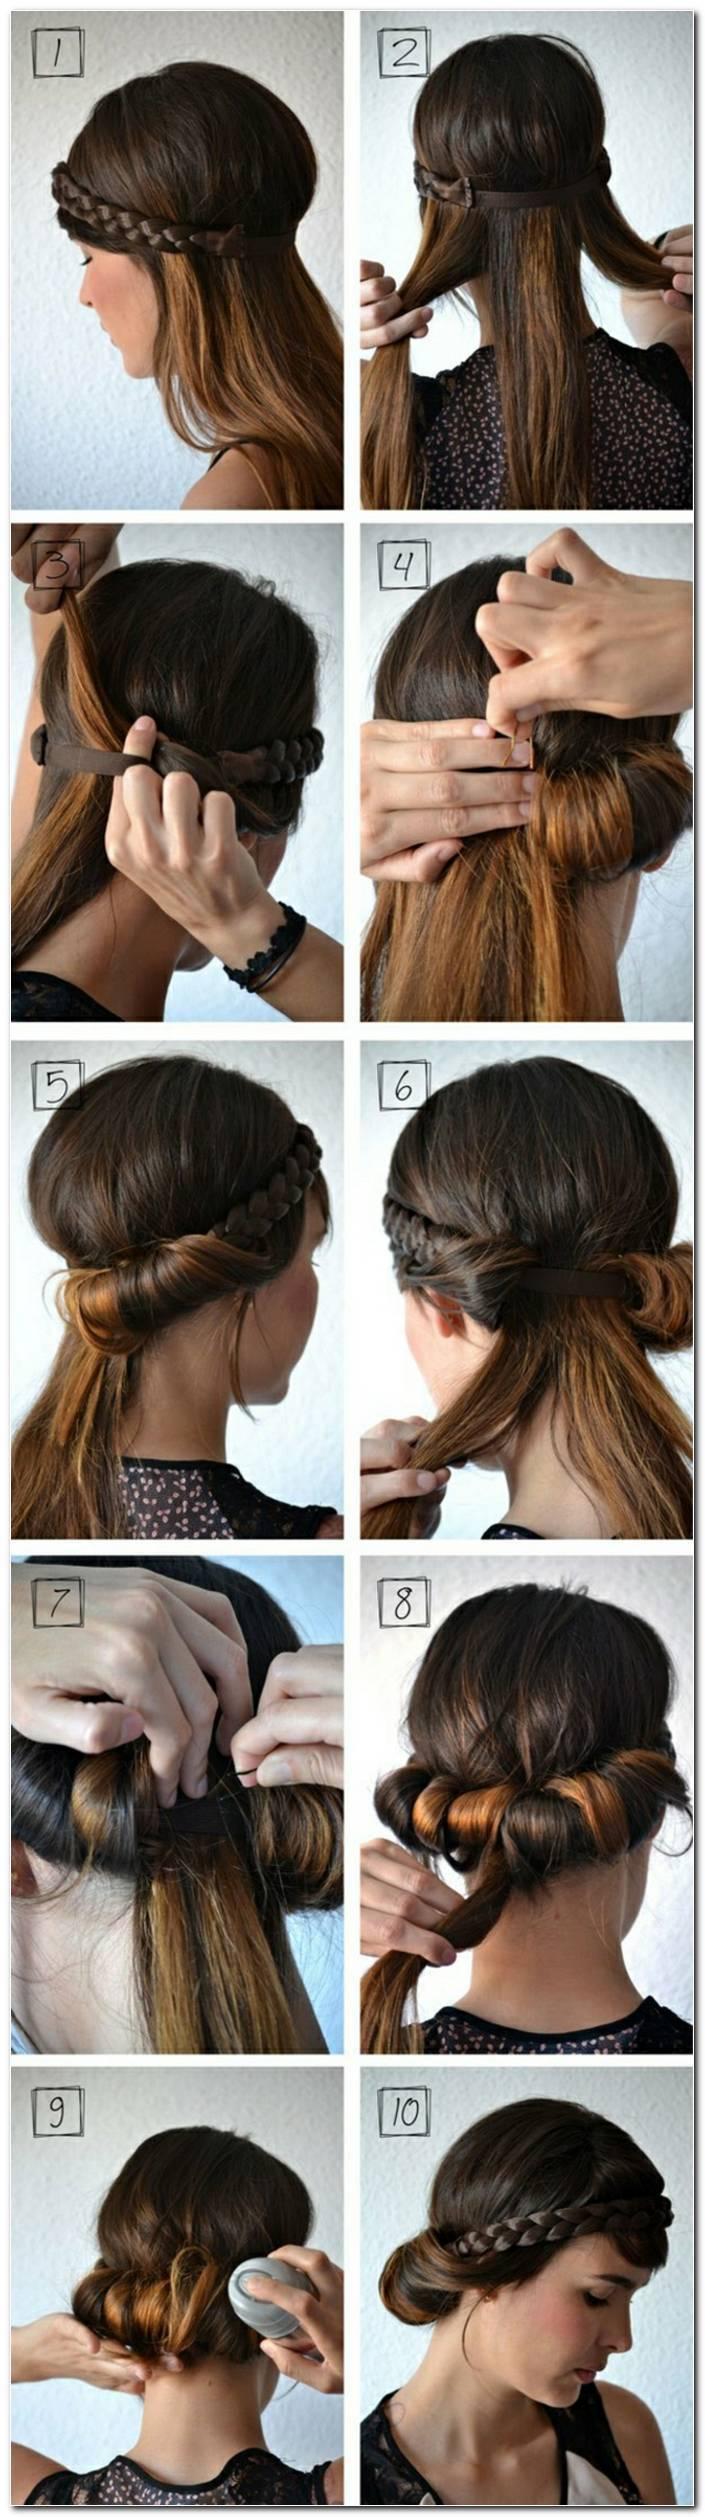 Frisuren FüR Lange Haare Zum Selber Machen Einfach